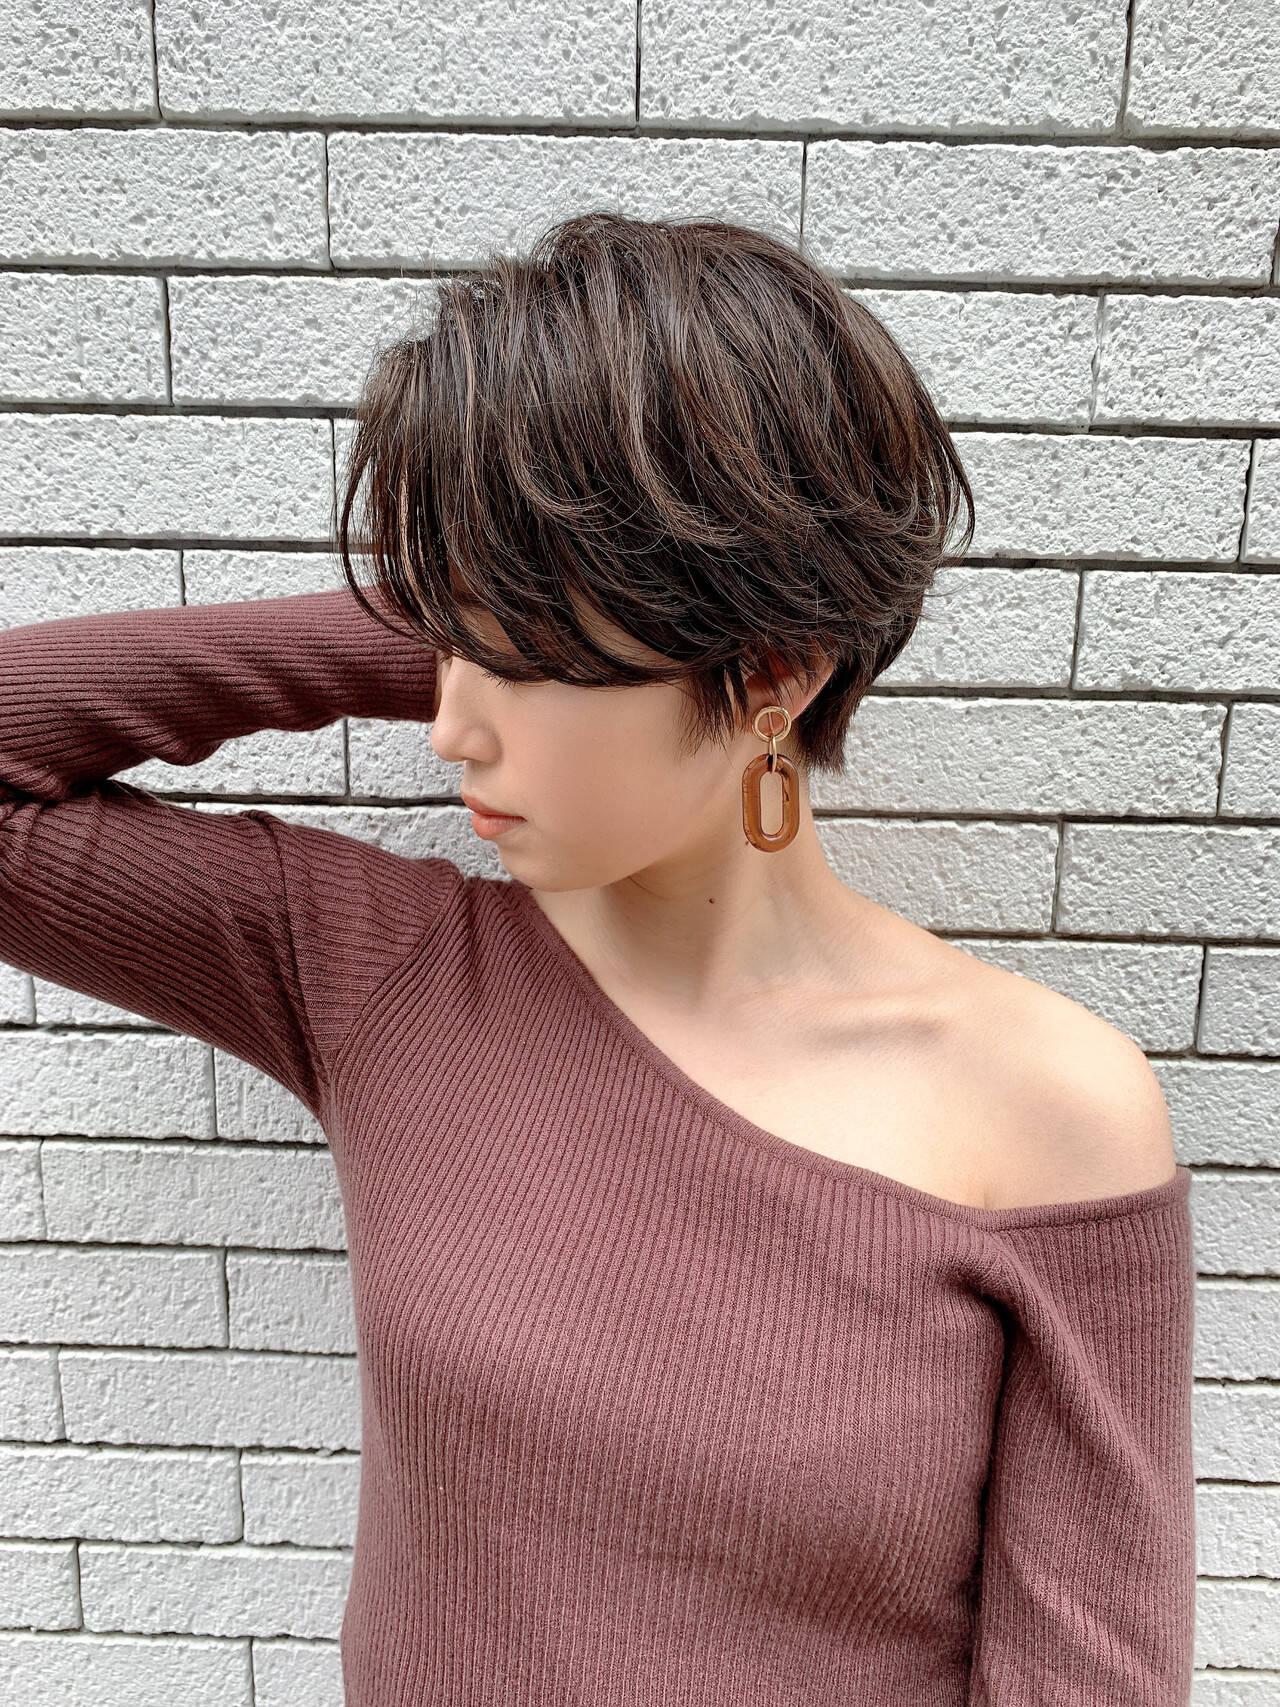 ナチュラル ショート 横顔美人 小顔ヘアヘアスタイルや髪型の写真・画像